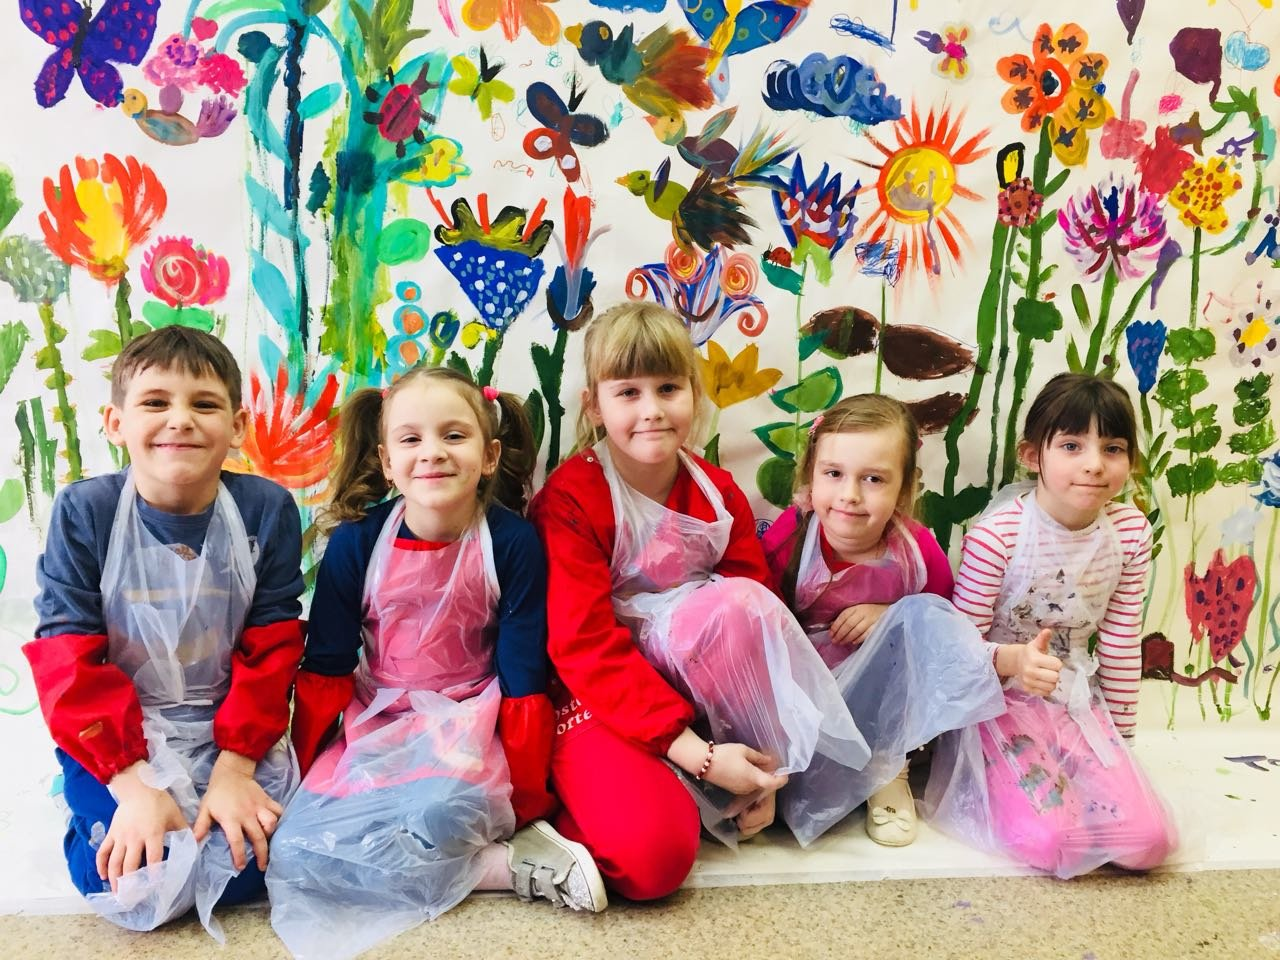 детский клуб в юао москвы